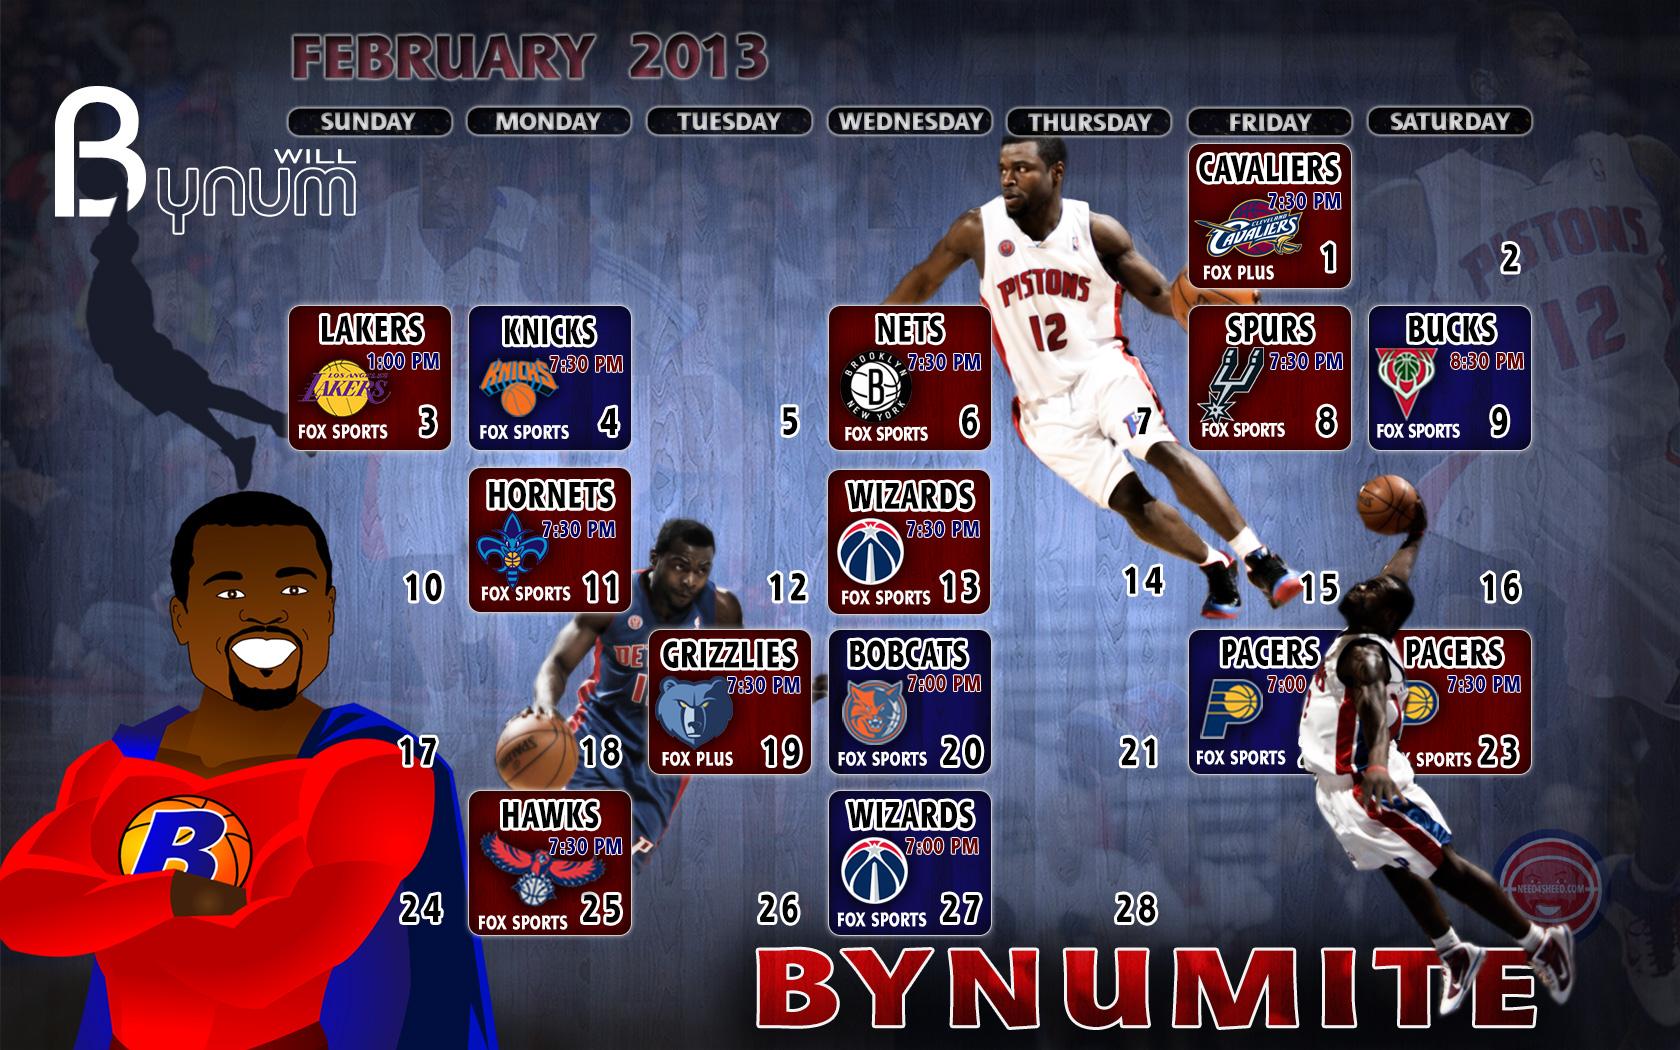 February-2013-schedule_1680x1050